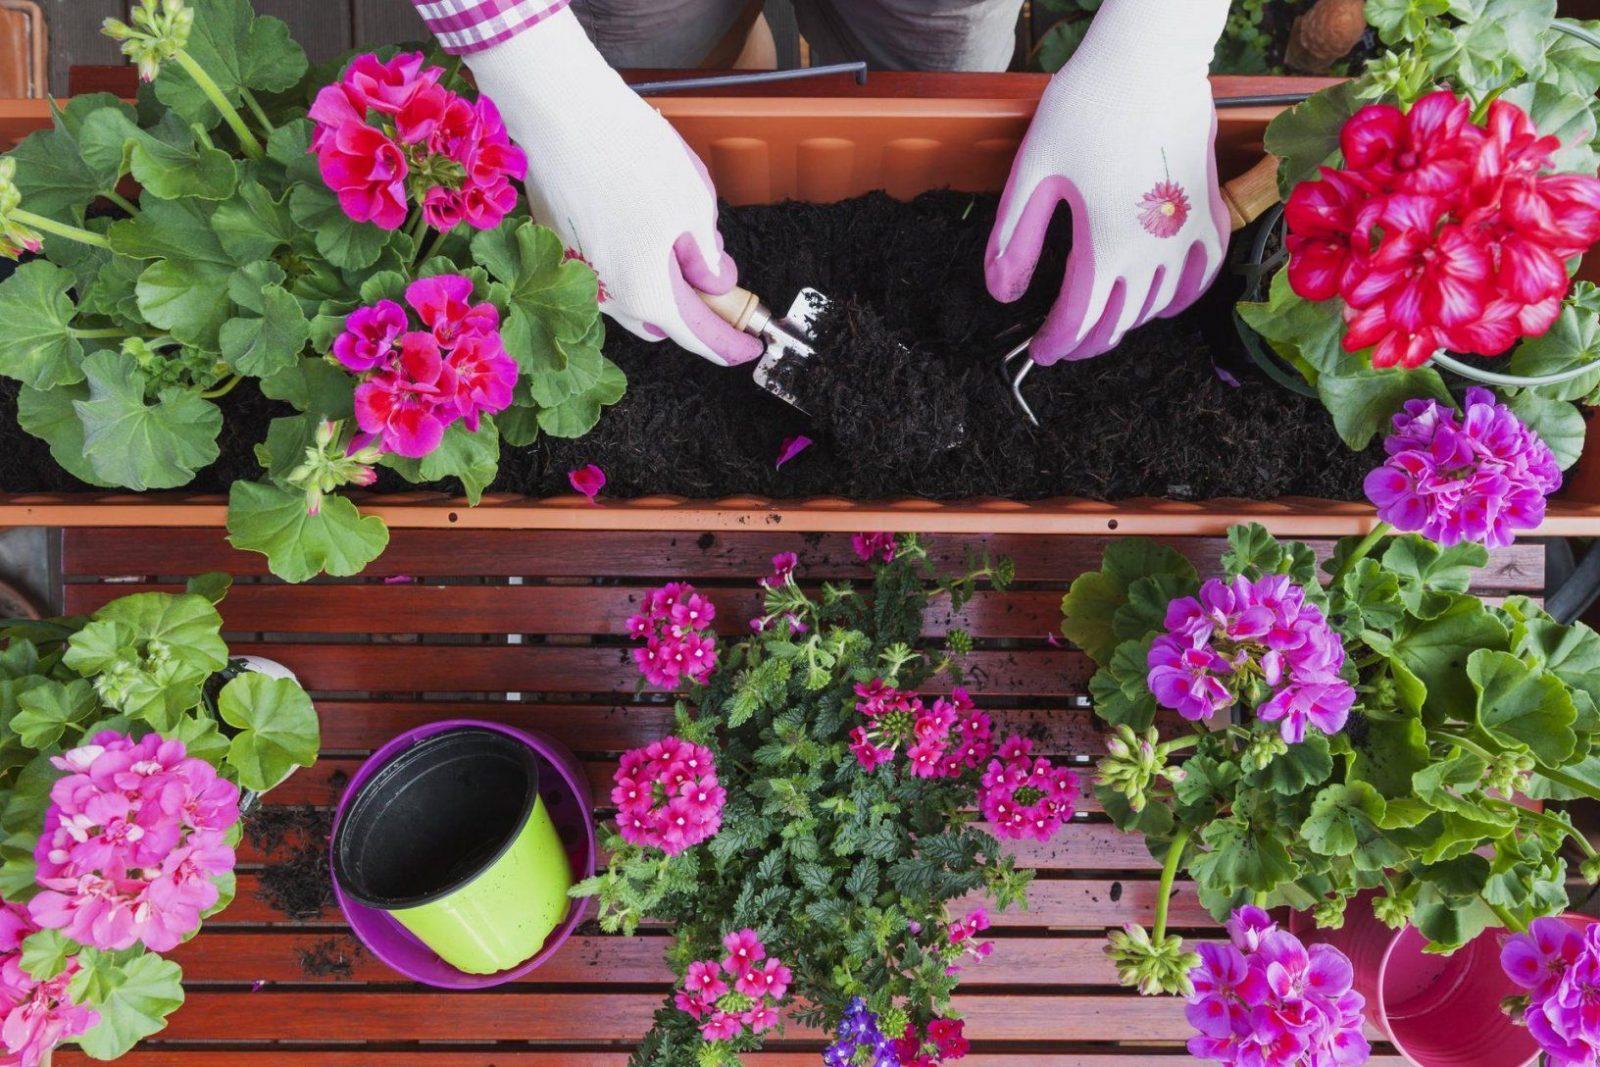 Balkonpflanzen Tipps Und Infos Zur Balkonbepflanzung von Balkonpflanzen Für Pralle Sonne Bild